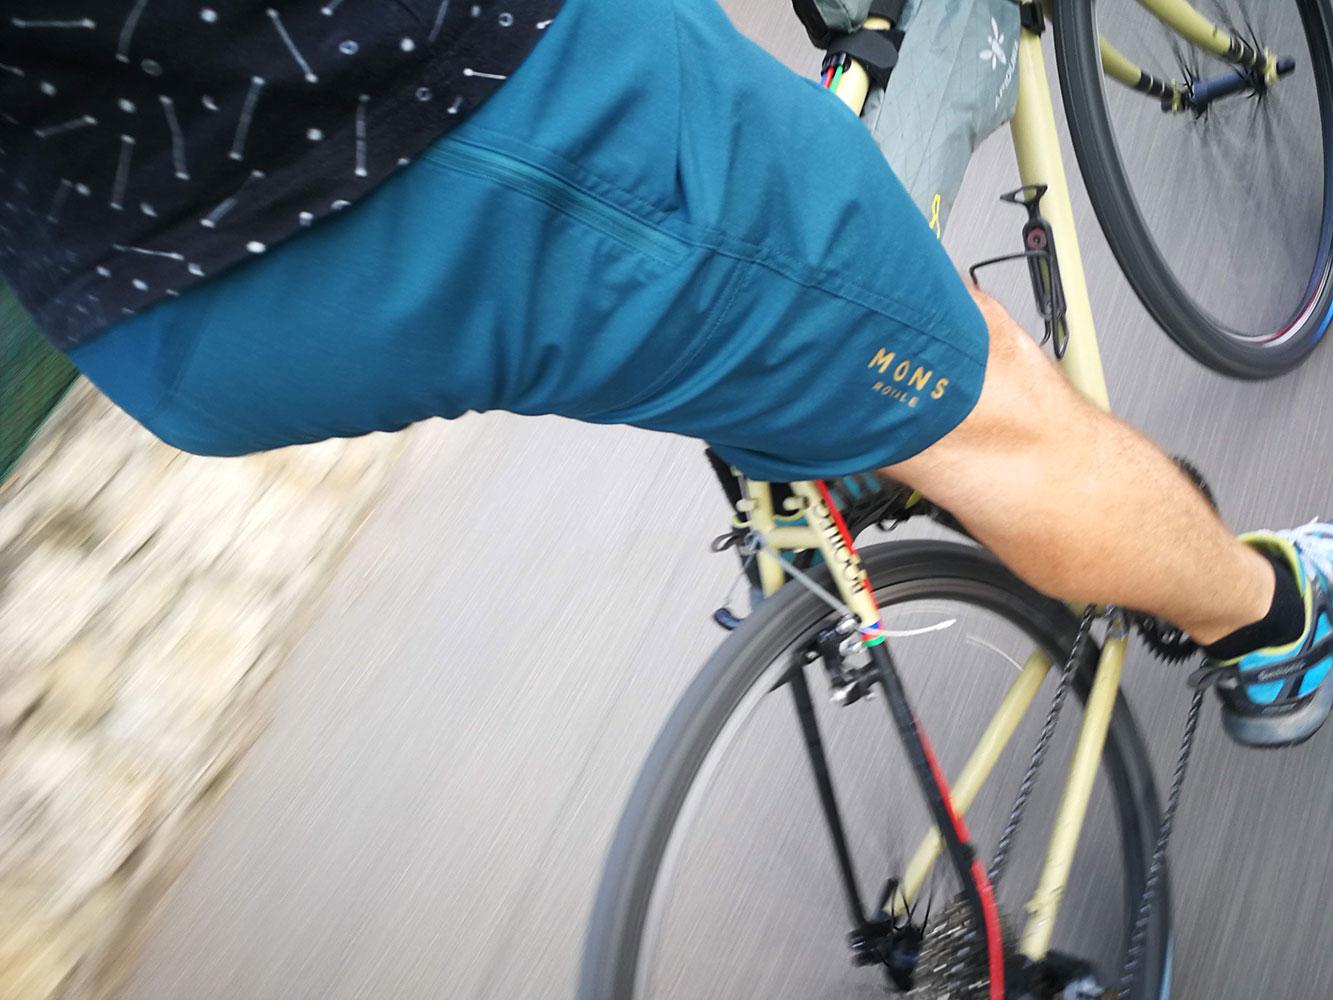 virage short merino bike